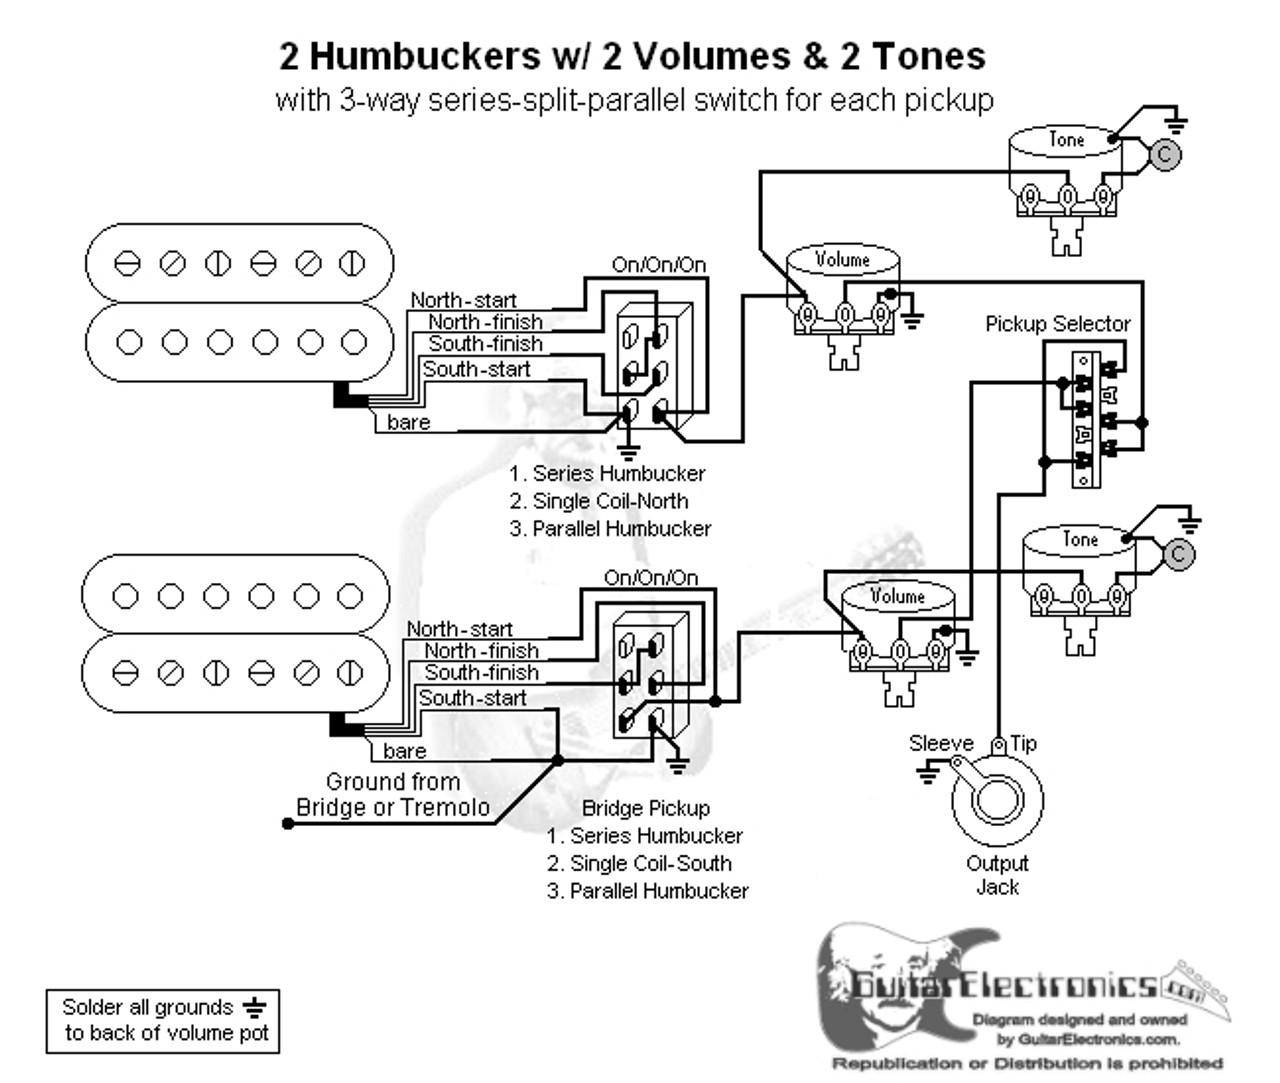 2 hbs 3 way lever 2 vol 2 tones series split parallel